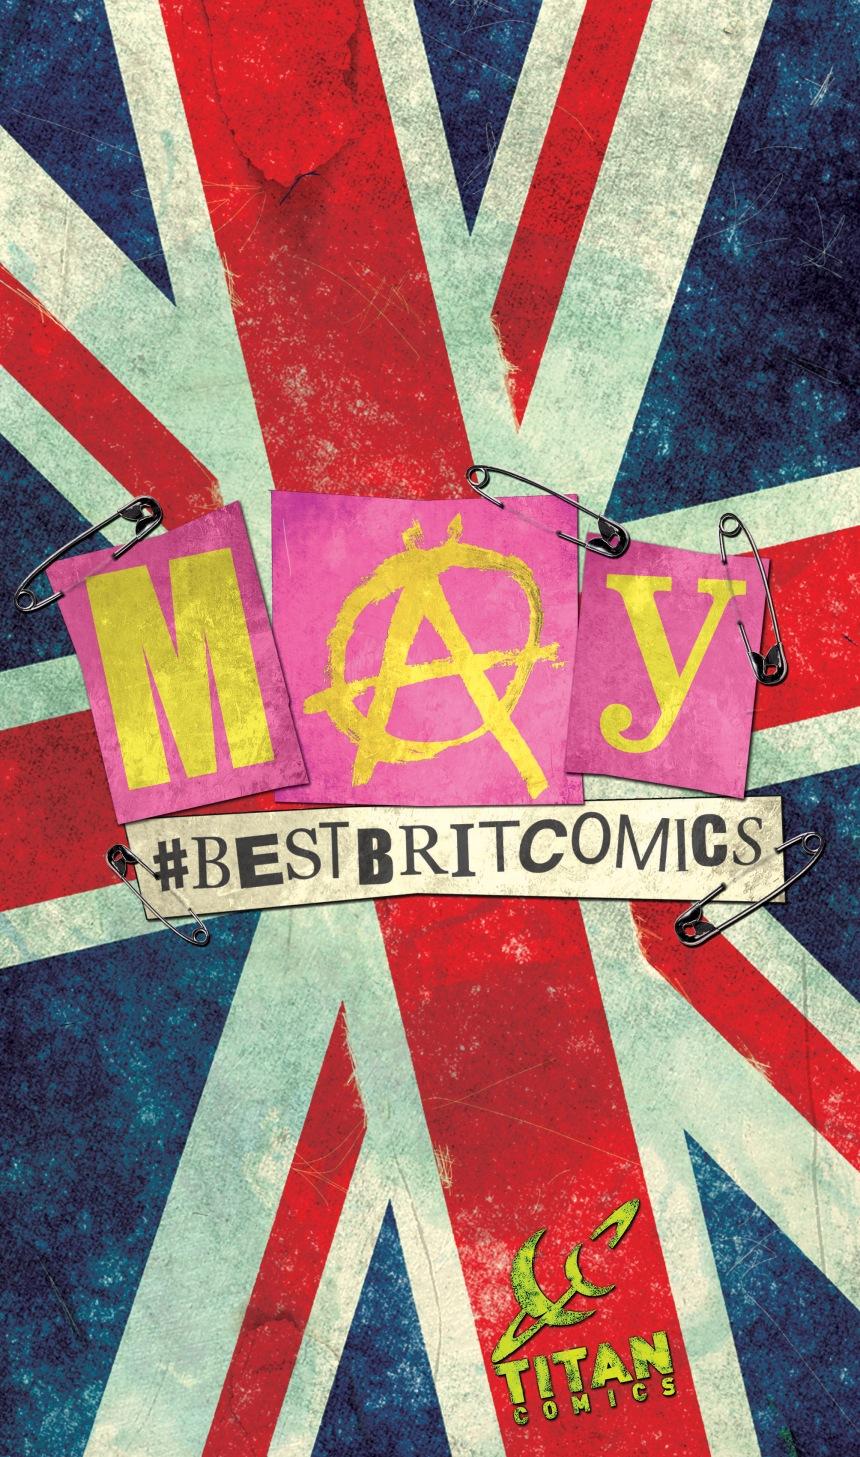 titan comics  best of british comics